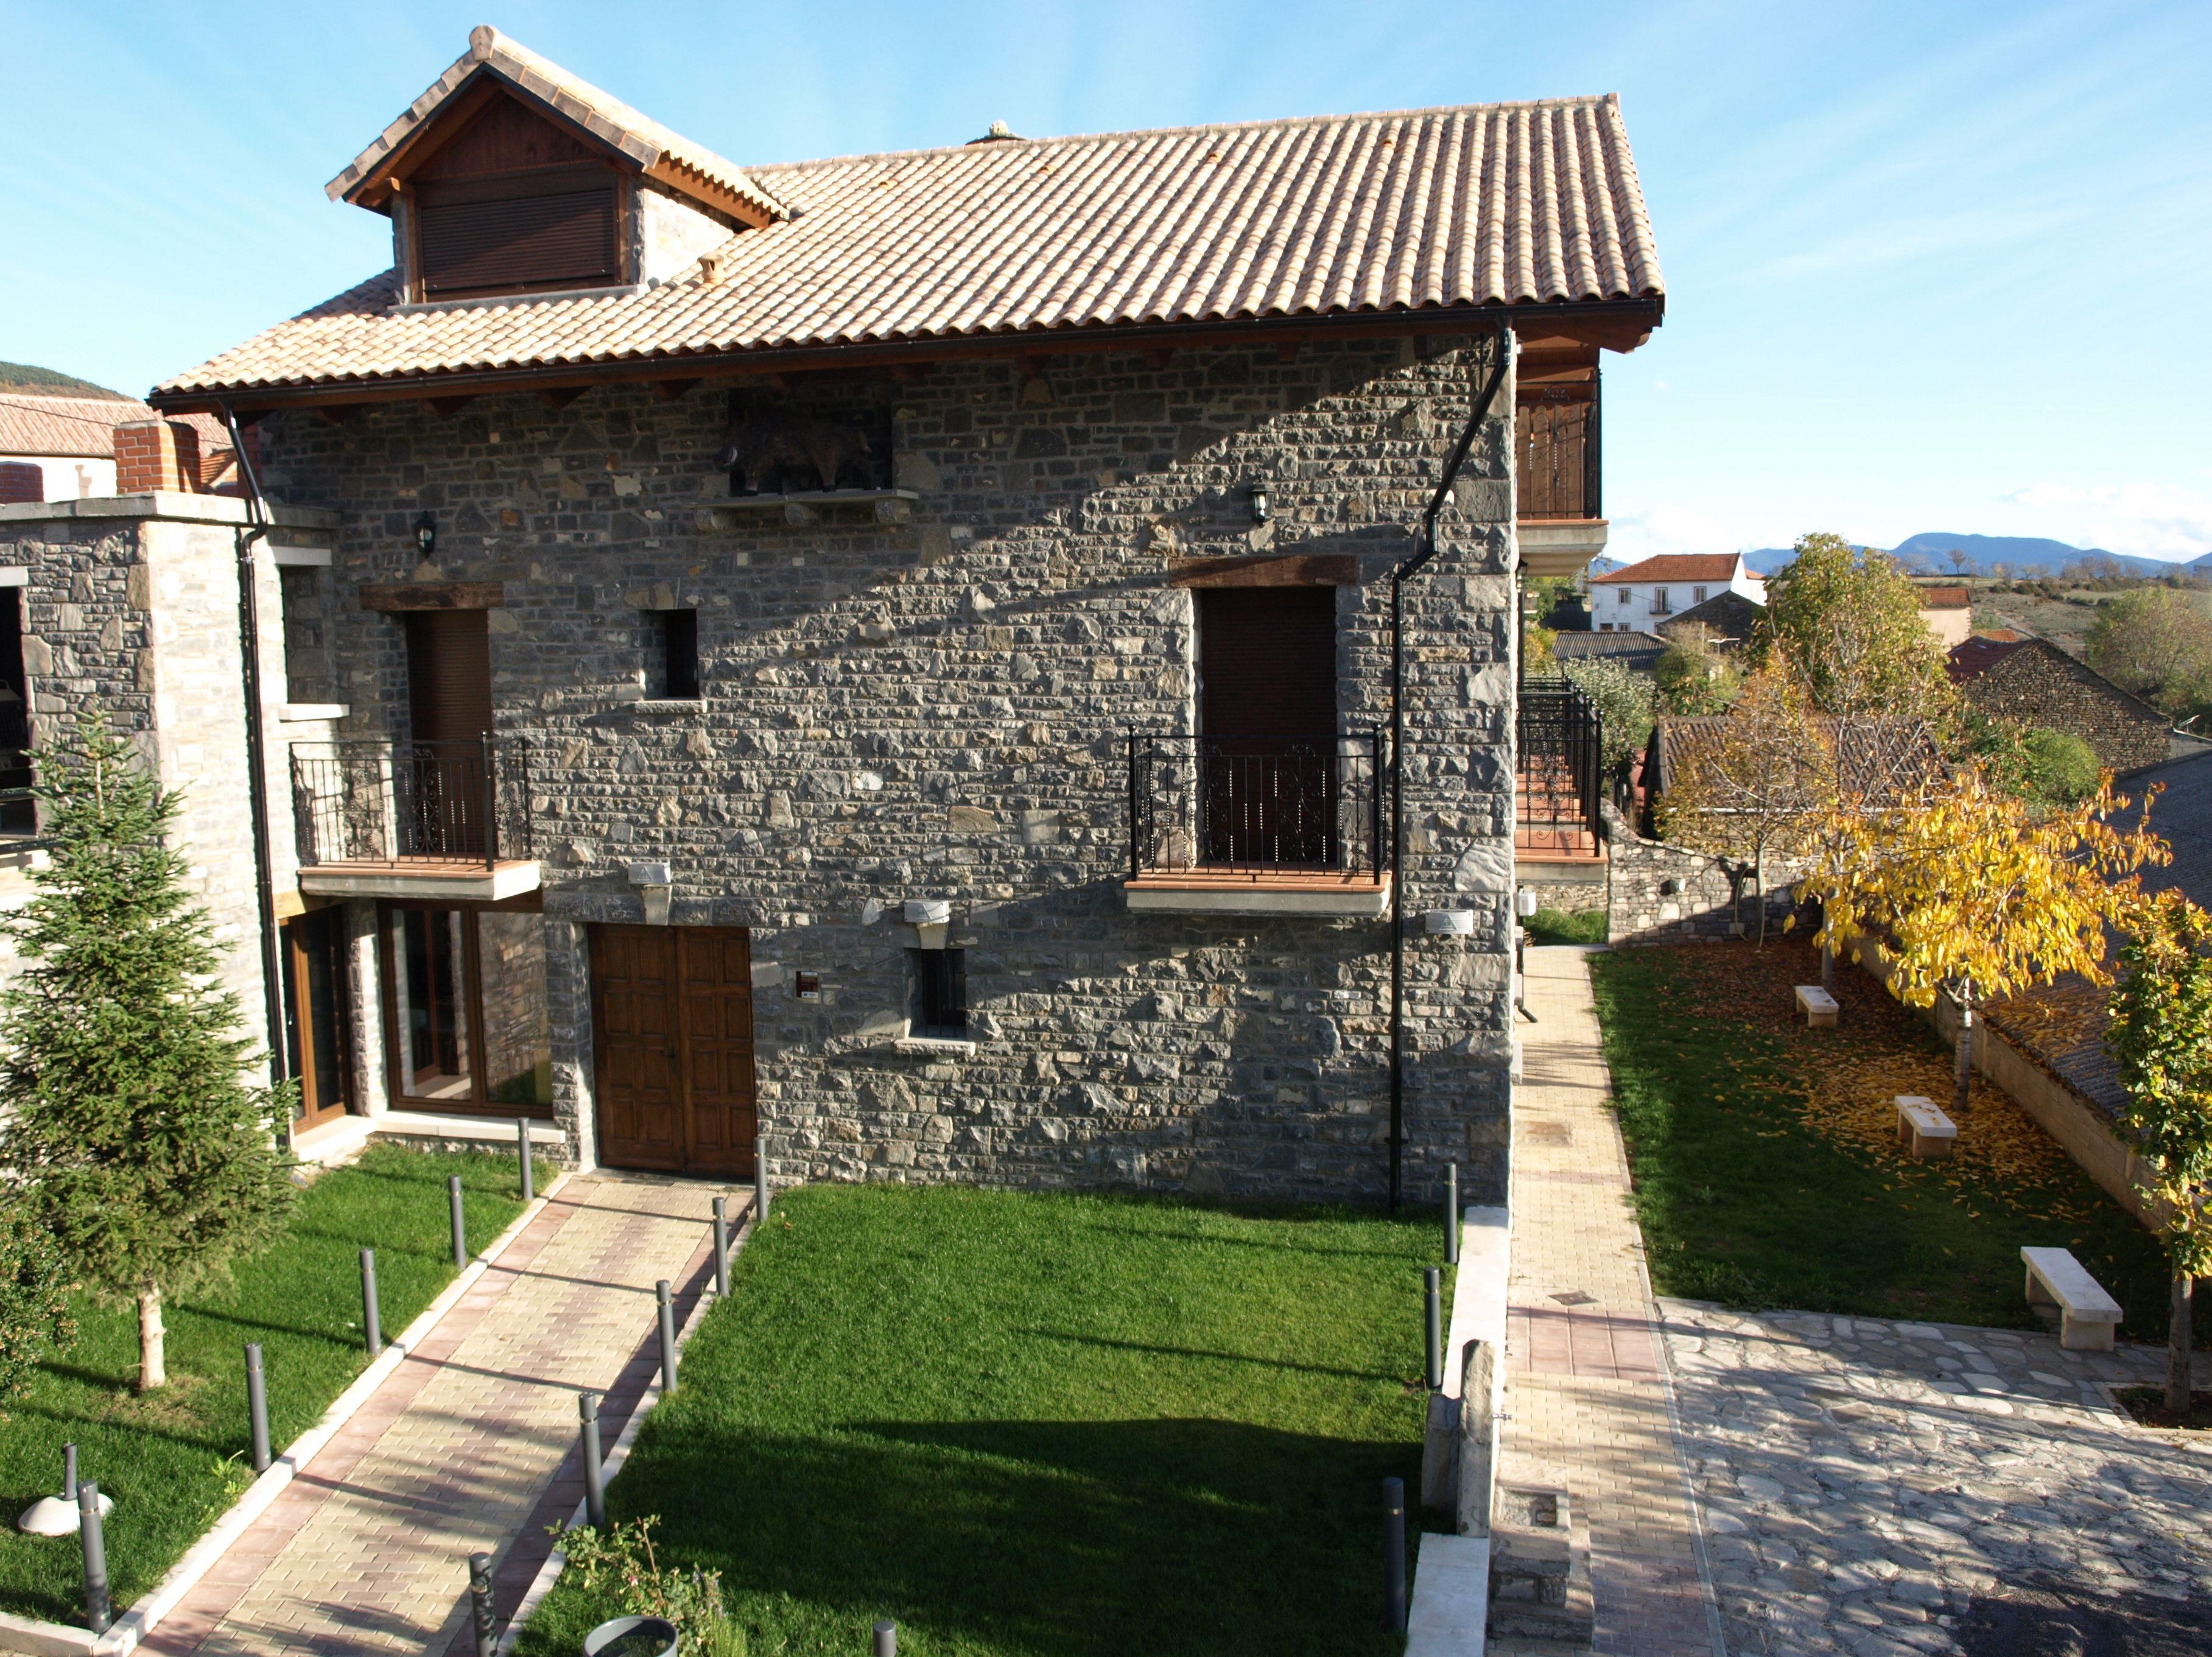 Jard n y terraza servicios e instalaciones de casa rural for Casa rural el jardin